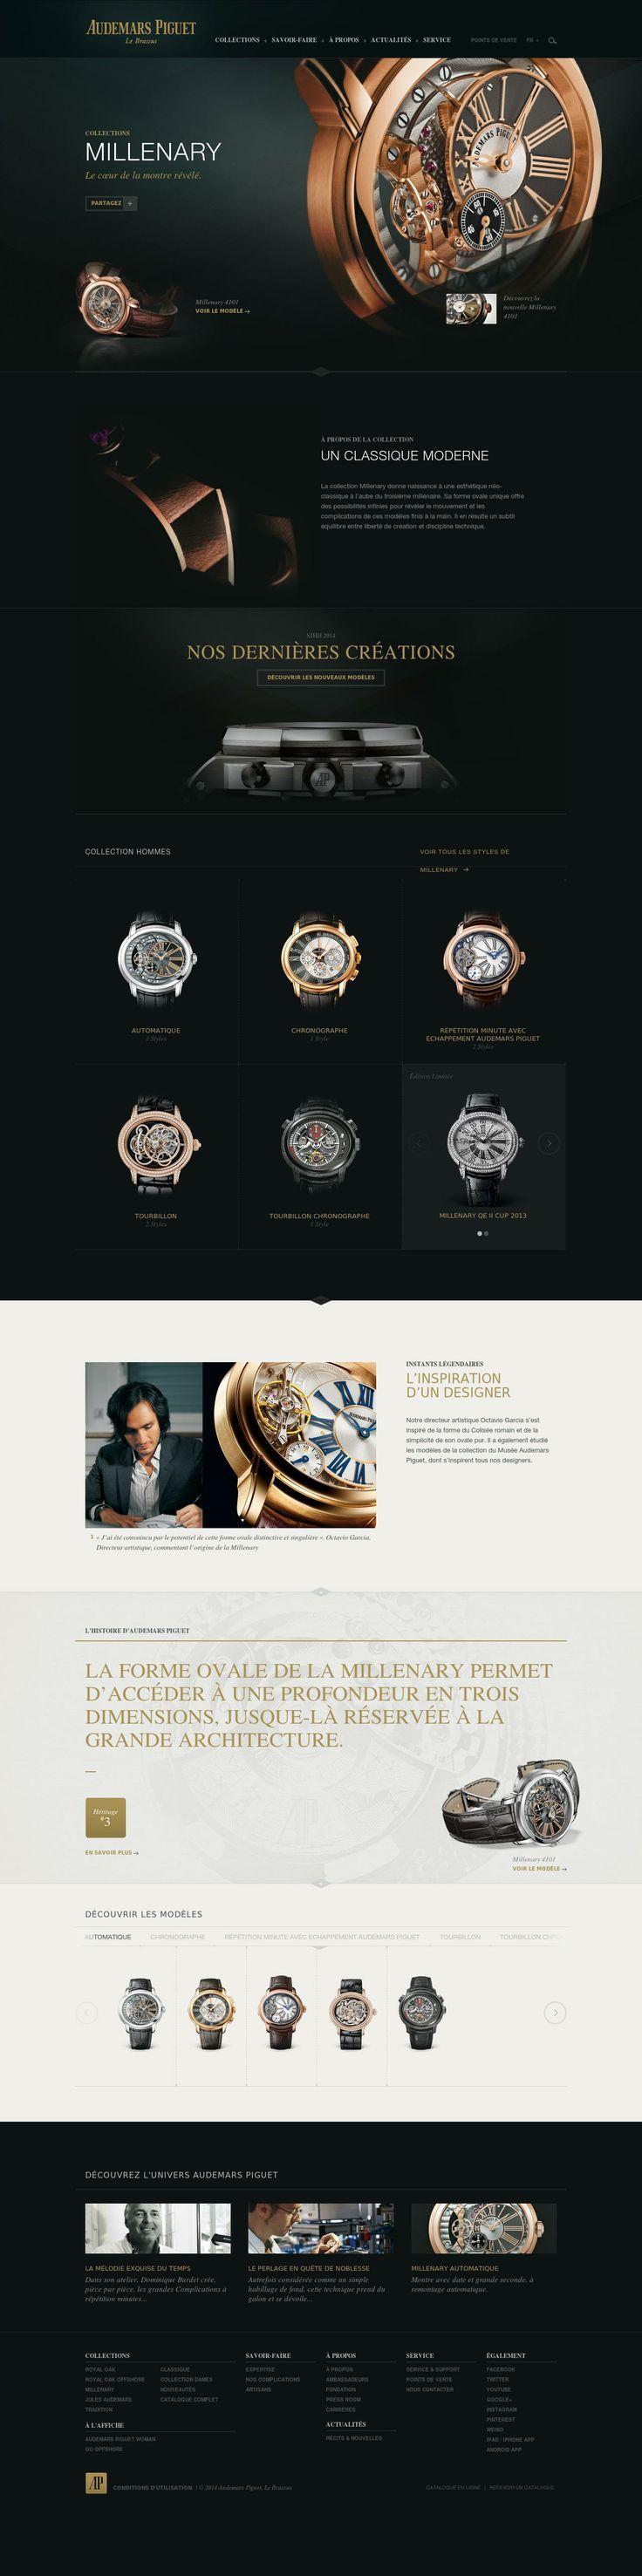 Audemars Piguet website #interface #ui #web #ux